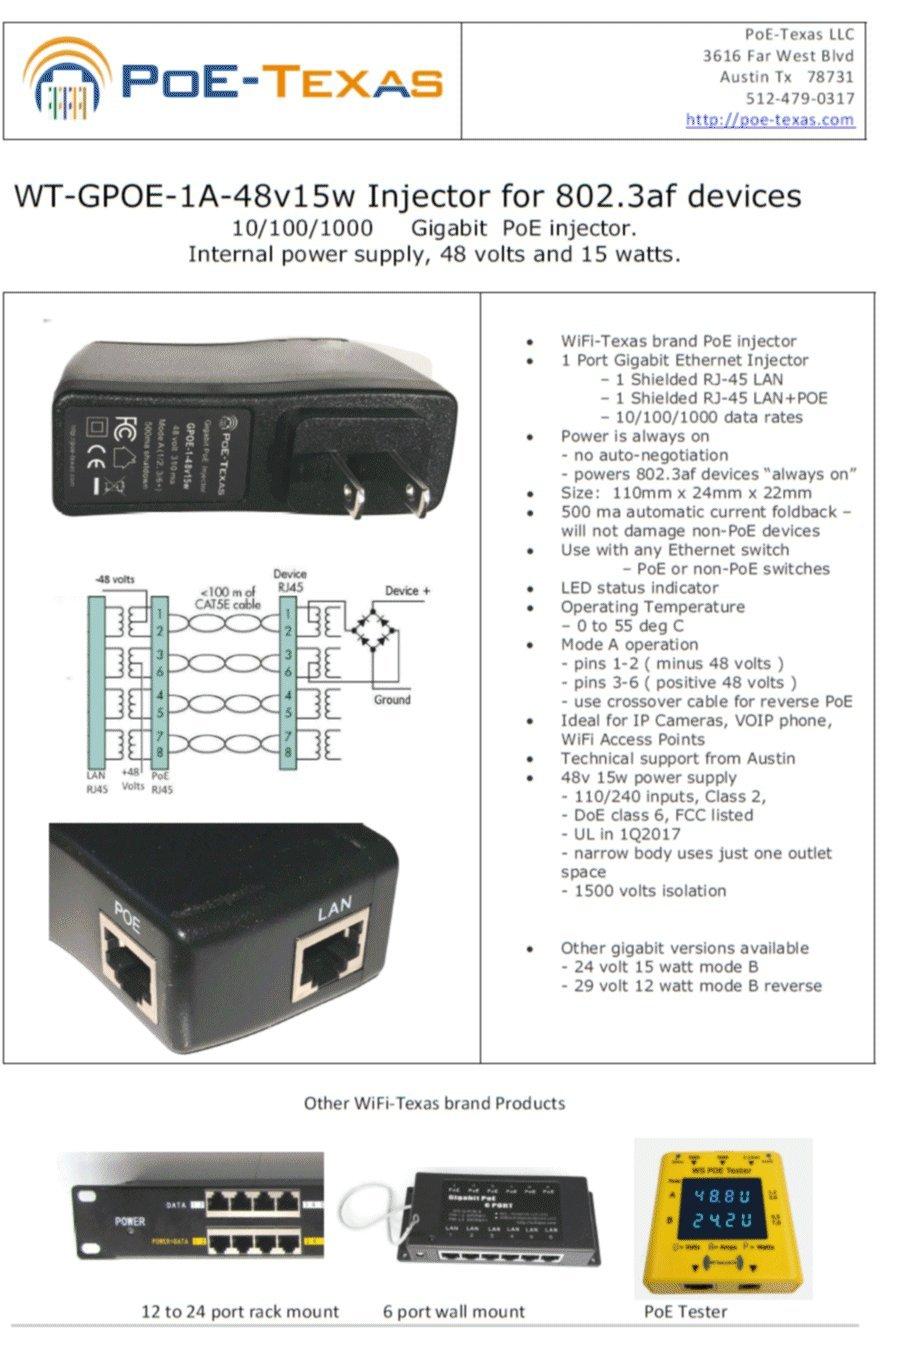 Wifi Texas Wt Gpoe 1a 48v15w Gigabit Poe Injector Kabel Spliter Splitter 1set Instantly Upgrade To 8023af Power Over Ethernet Extend Up 328 Feet Using